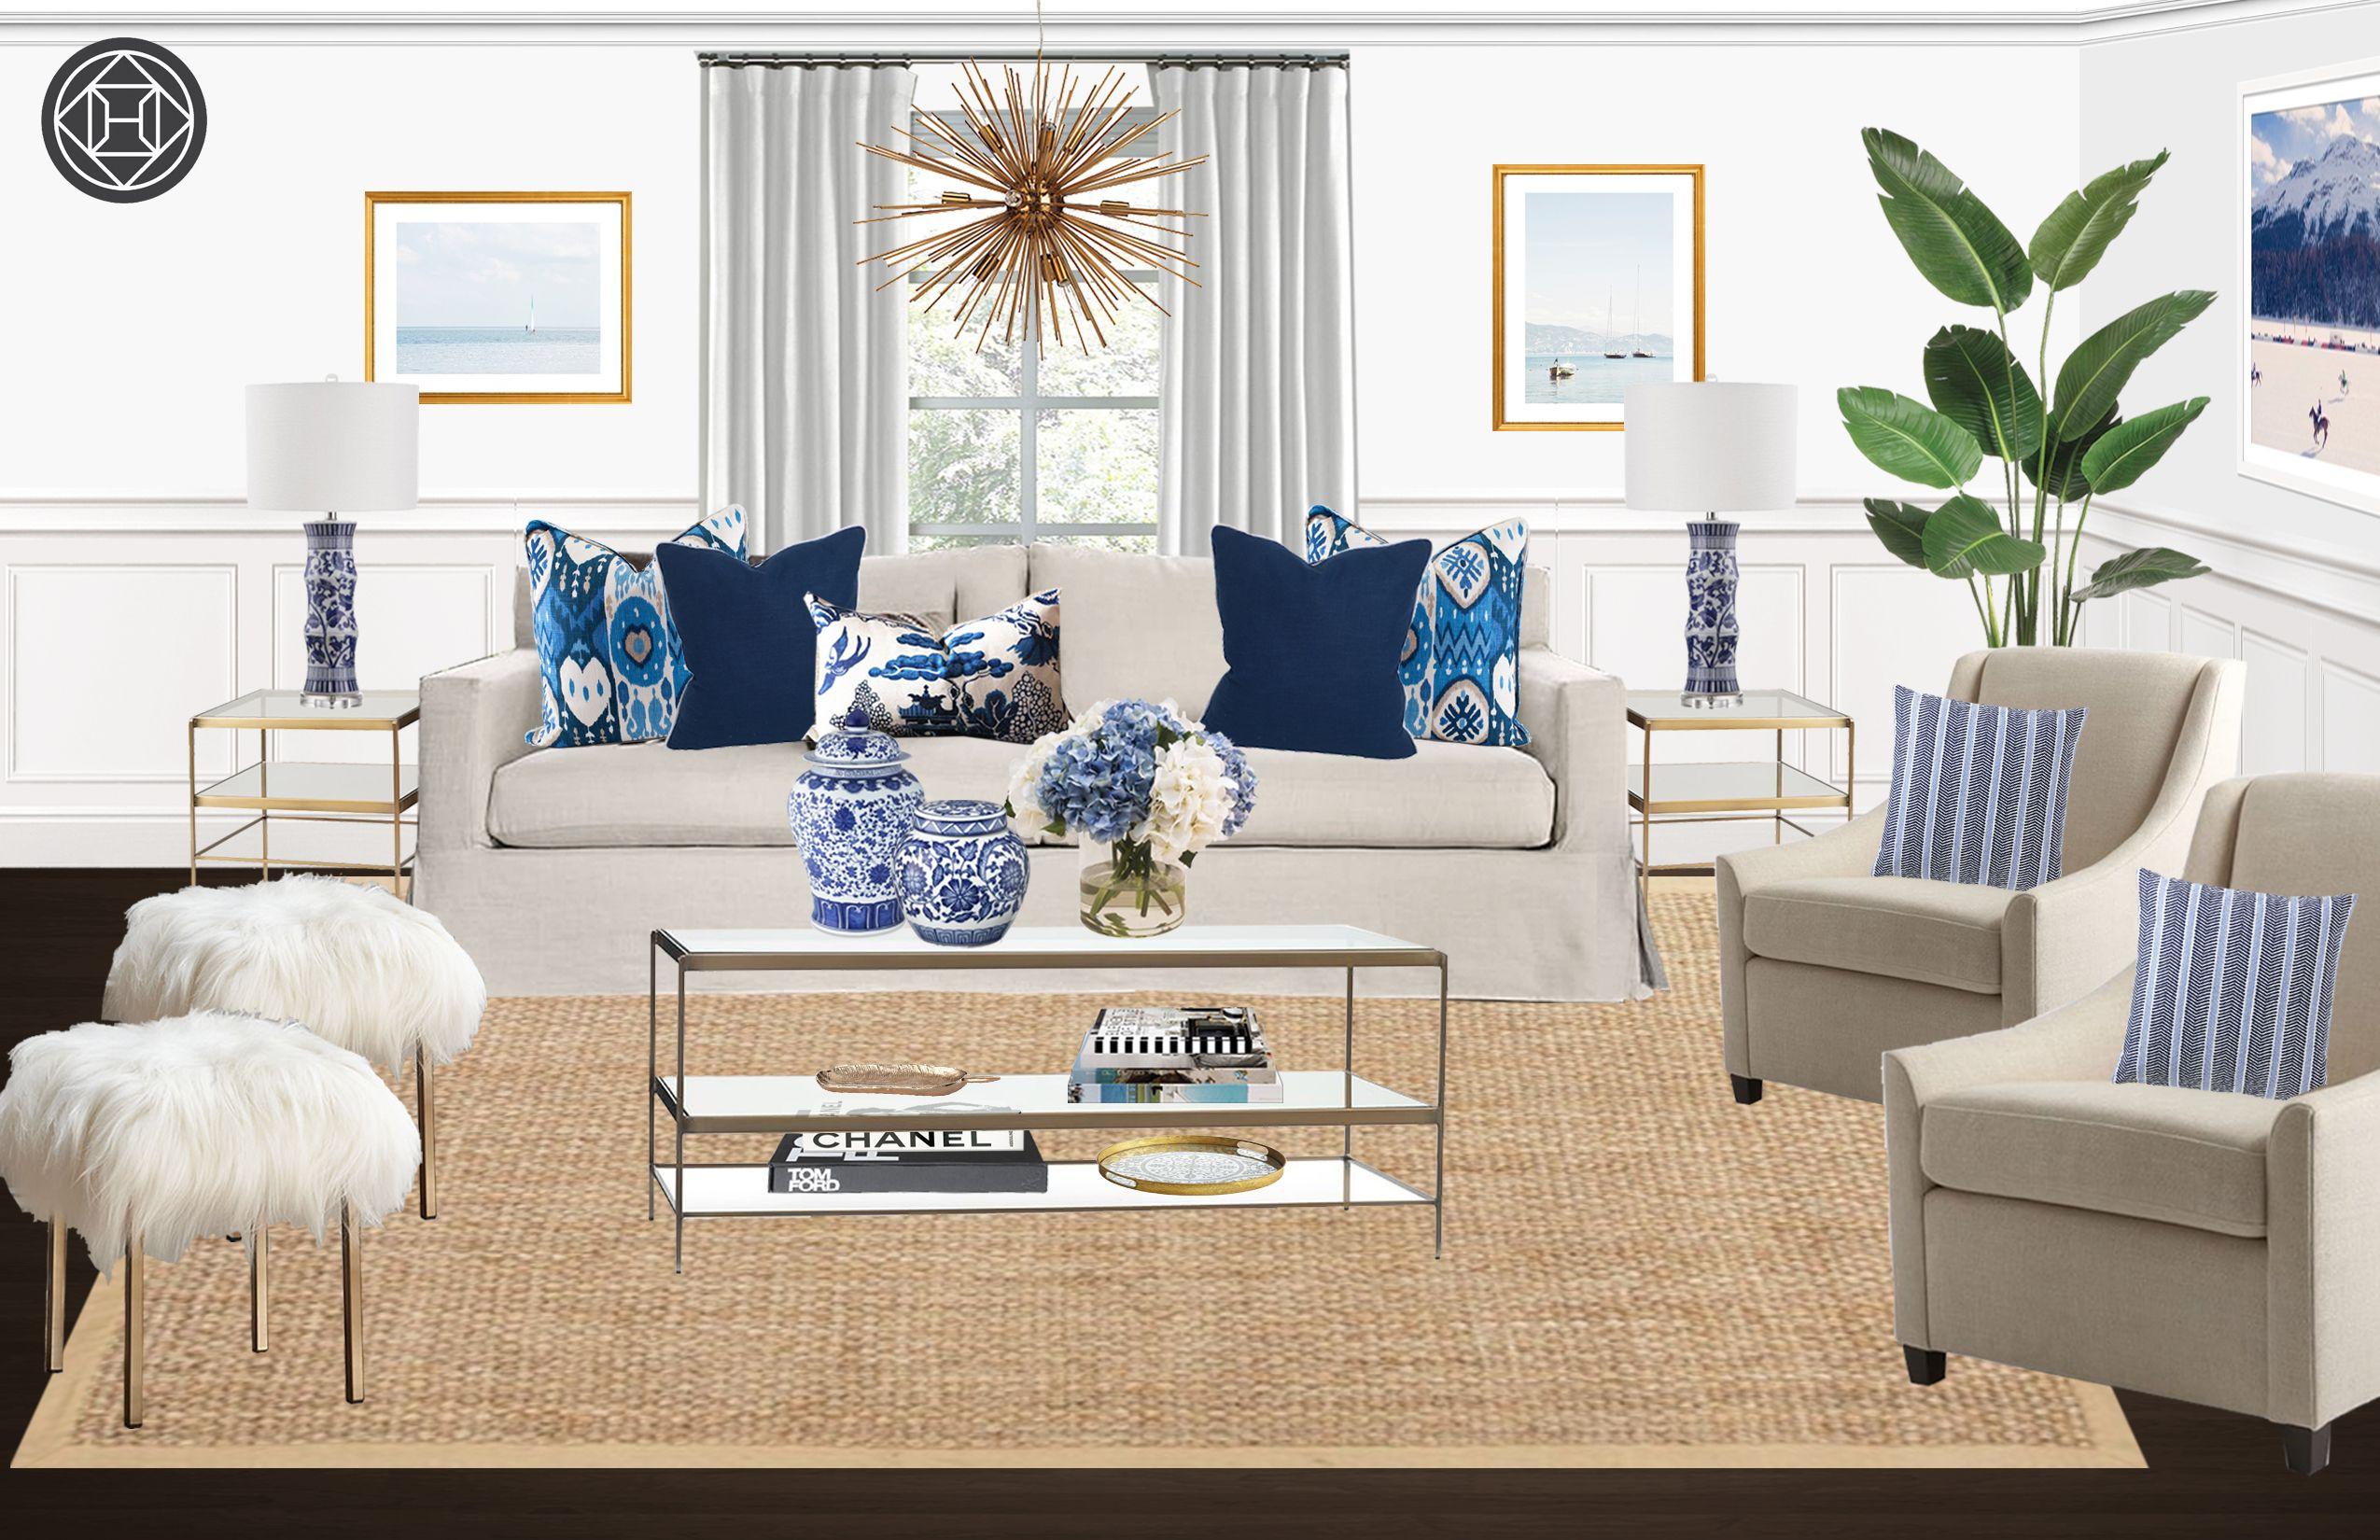 Online interior design and home inspiration havenly - Design living room online ...